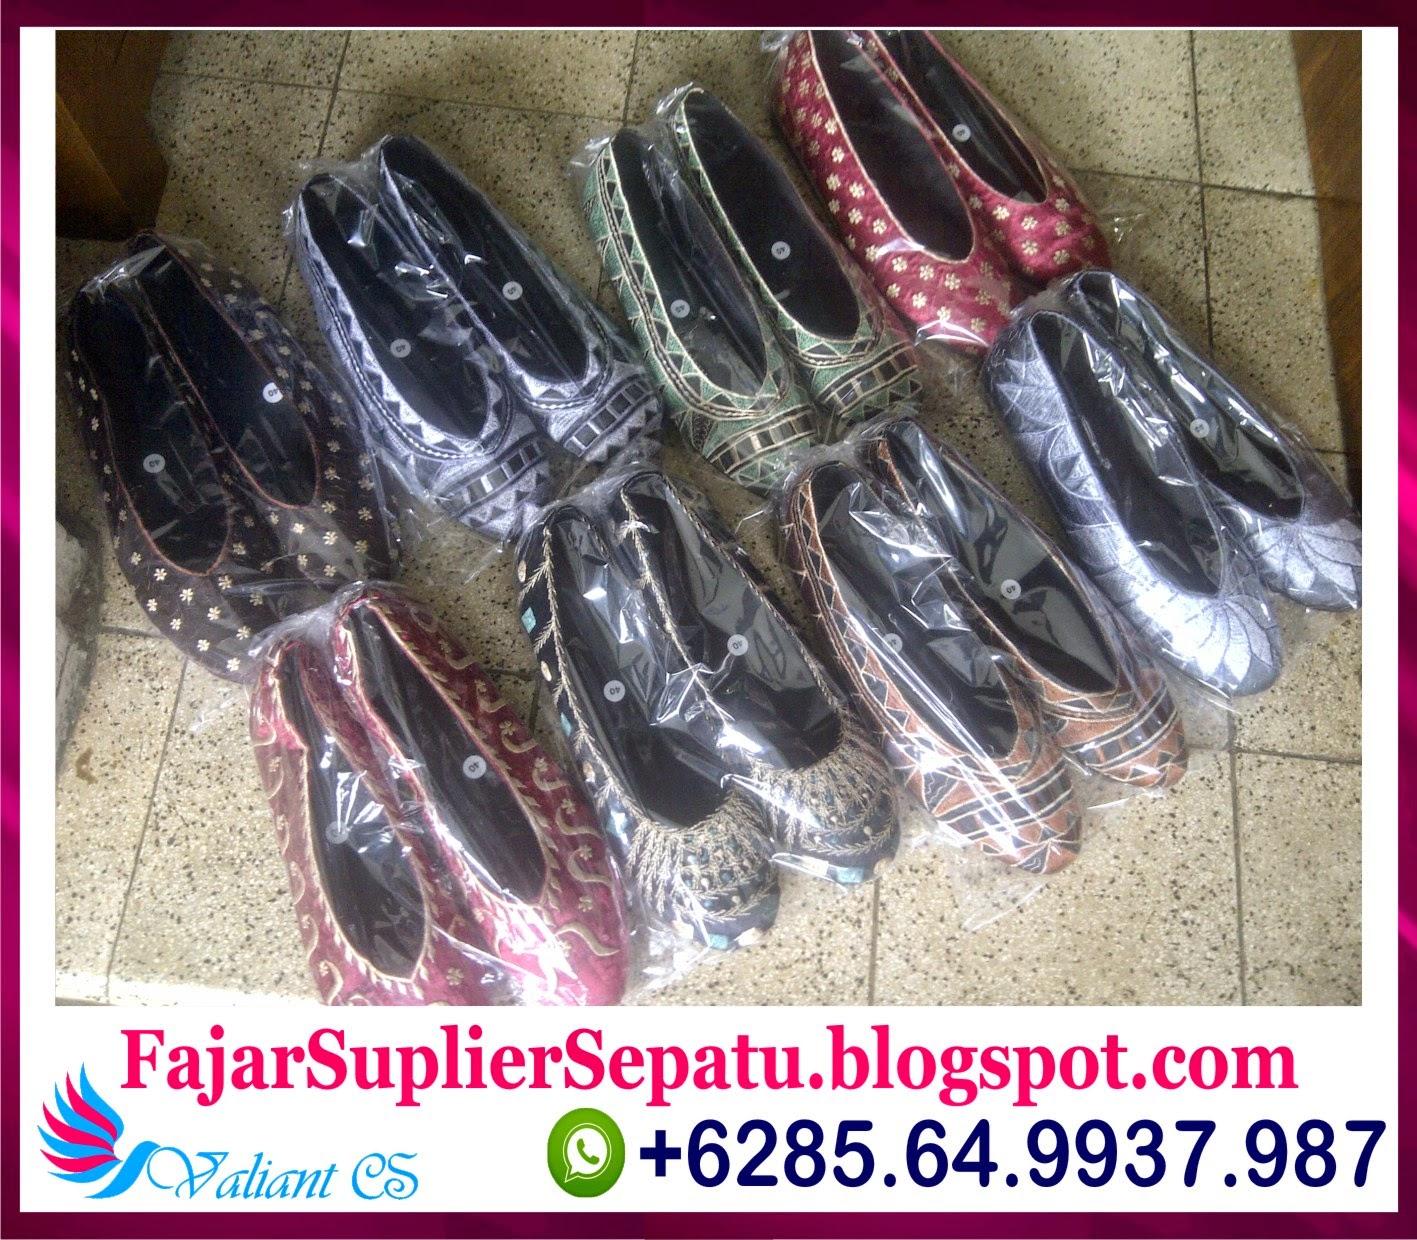 Sepatu Bordir Murah, Sepatu Bordir Bali, Sepatu Bordir Murah, +62.8564.993.7987